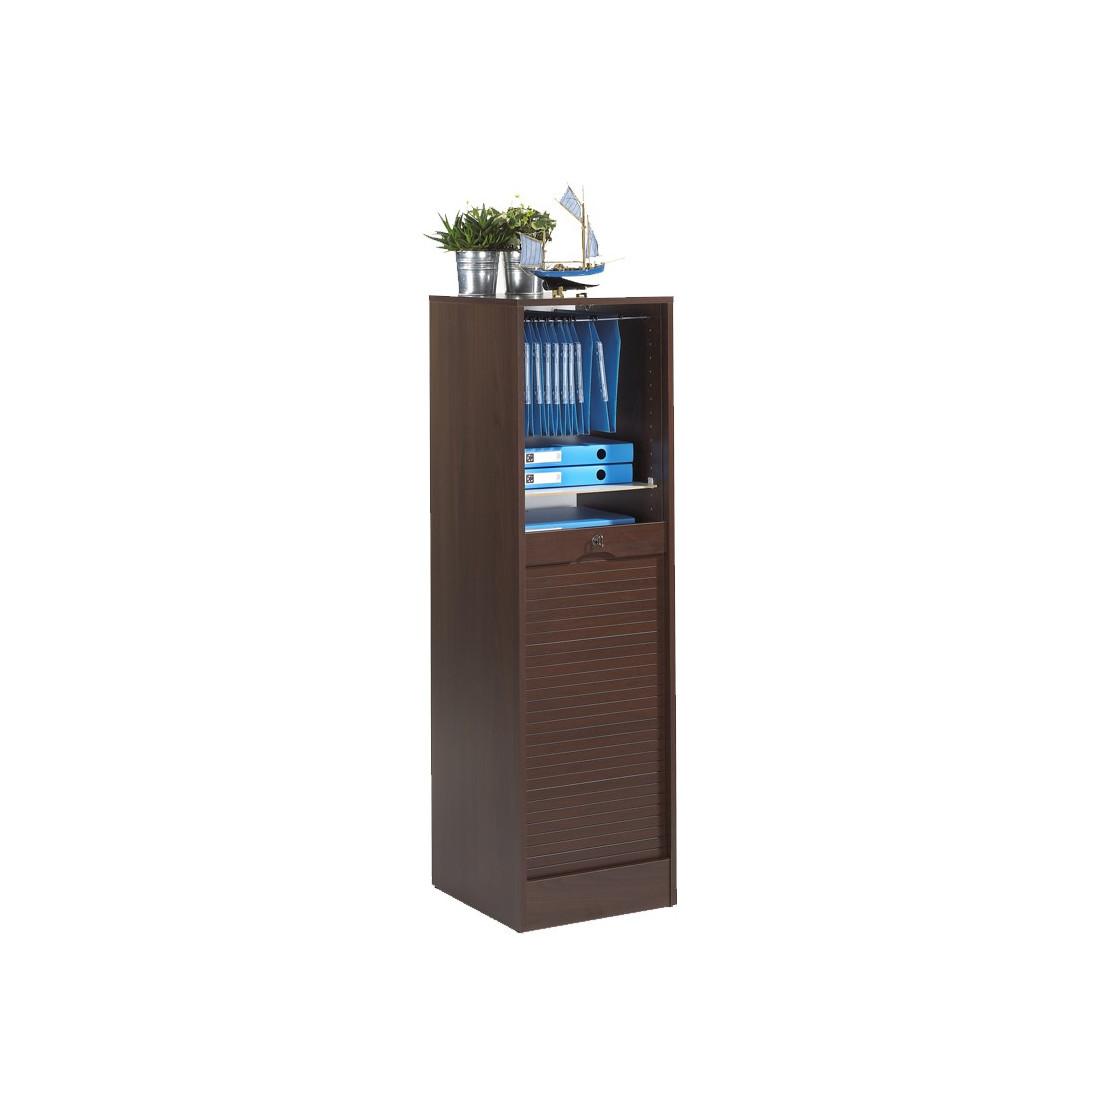 classeur rideau weng taille l klass univers du bureau. Black Bedroom Furniture Sets. Home Design Ideas